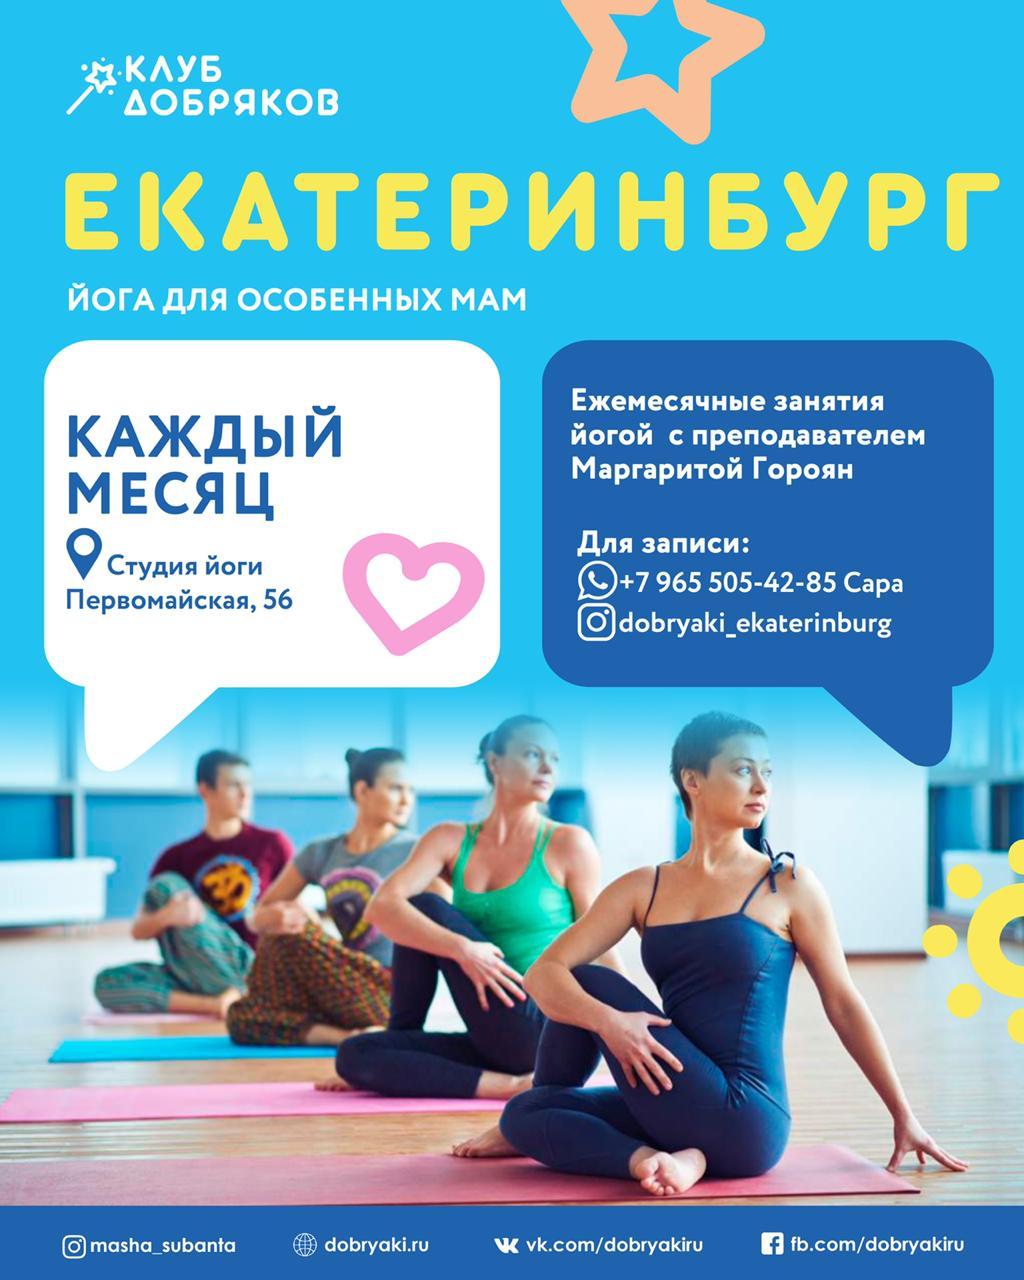 Добряки Екатеринбурга  проводят регулярные занятия по йоге для особенных мам